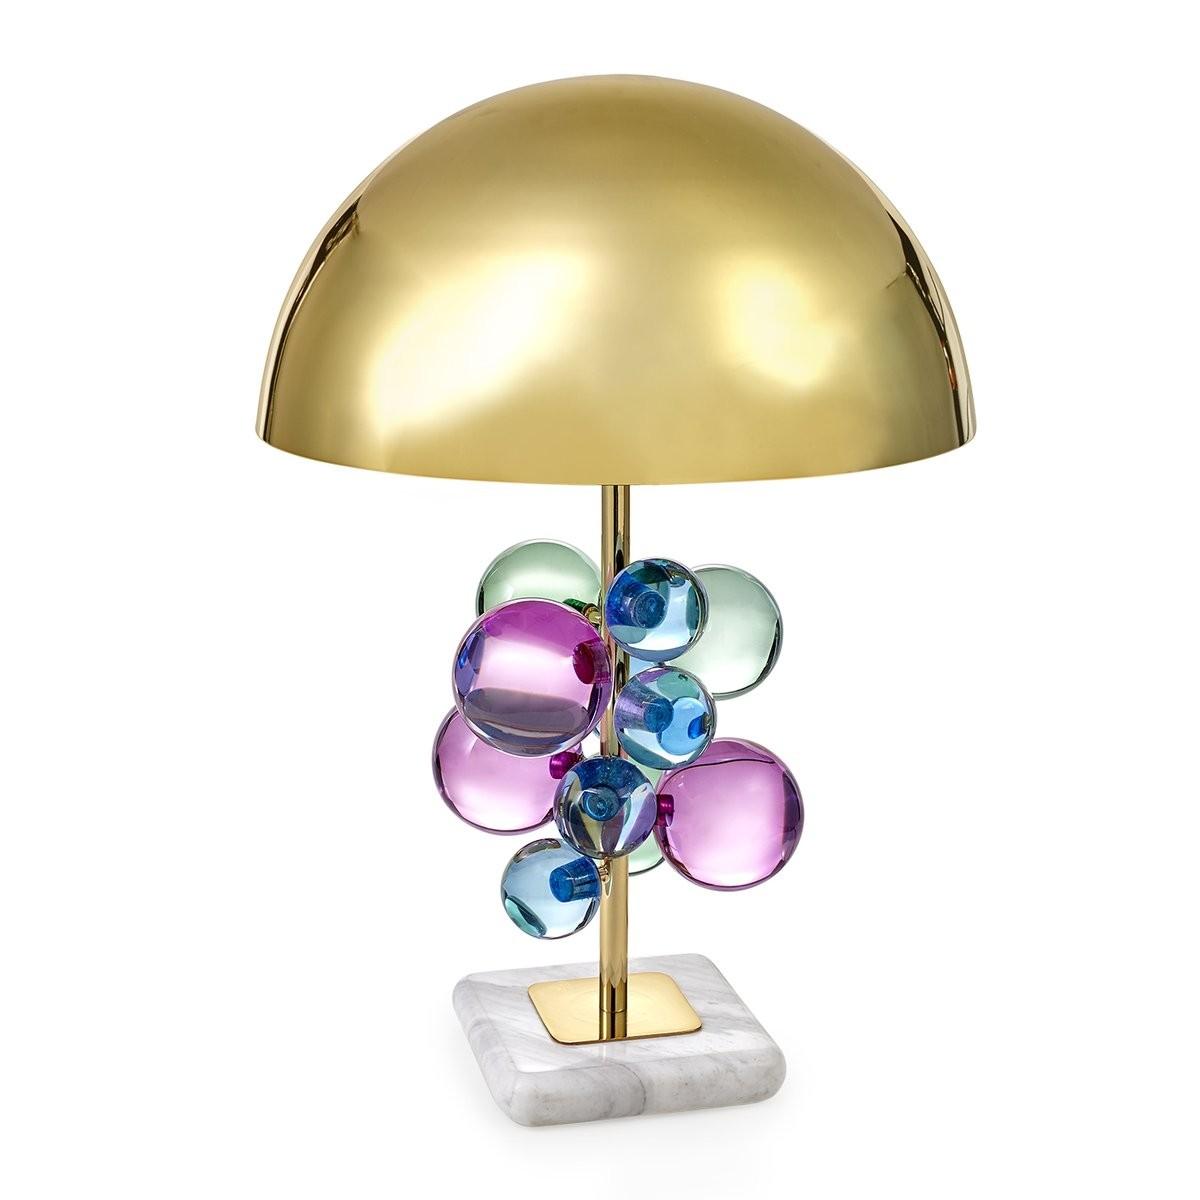 Jonathan Adler I Globo Table Lamp I Multi